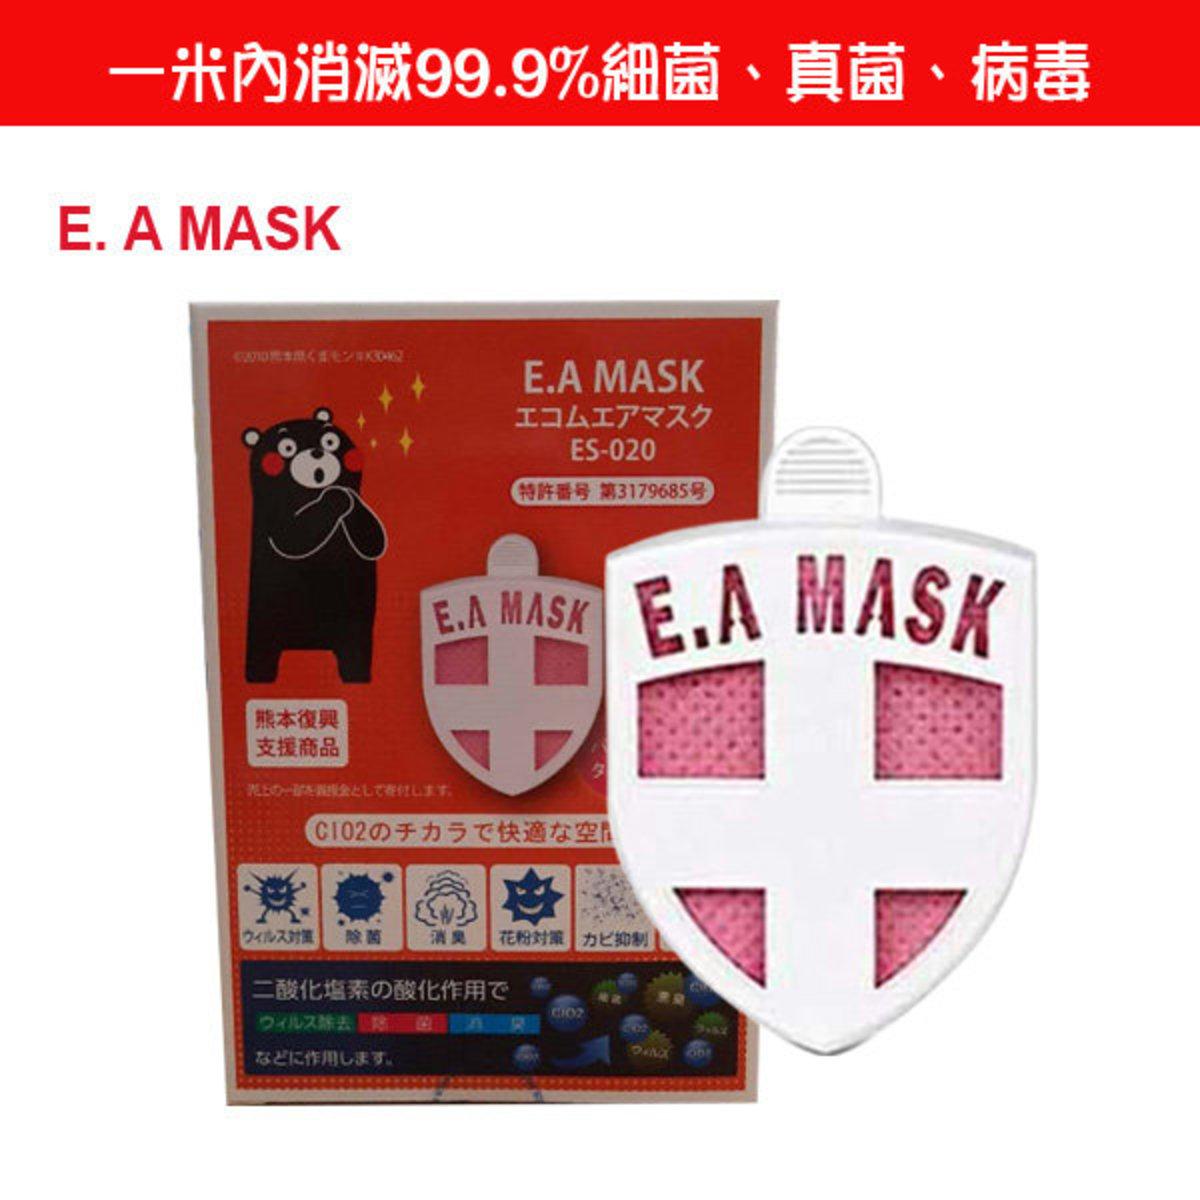 第五代日本健康勳章 ecom (香港行貨) 粉紅色 - 1件